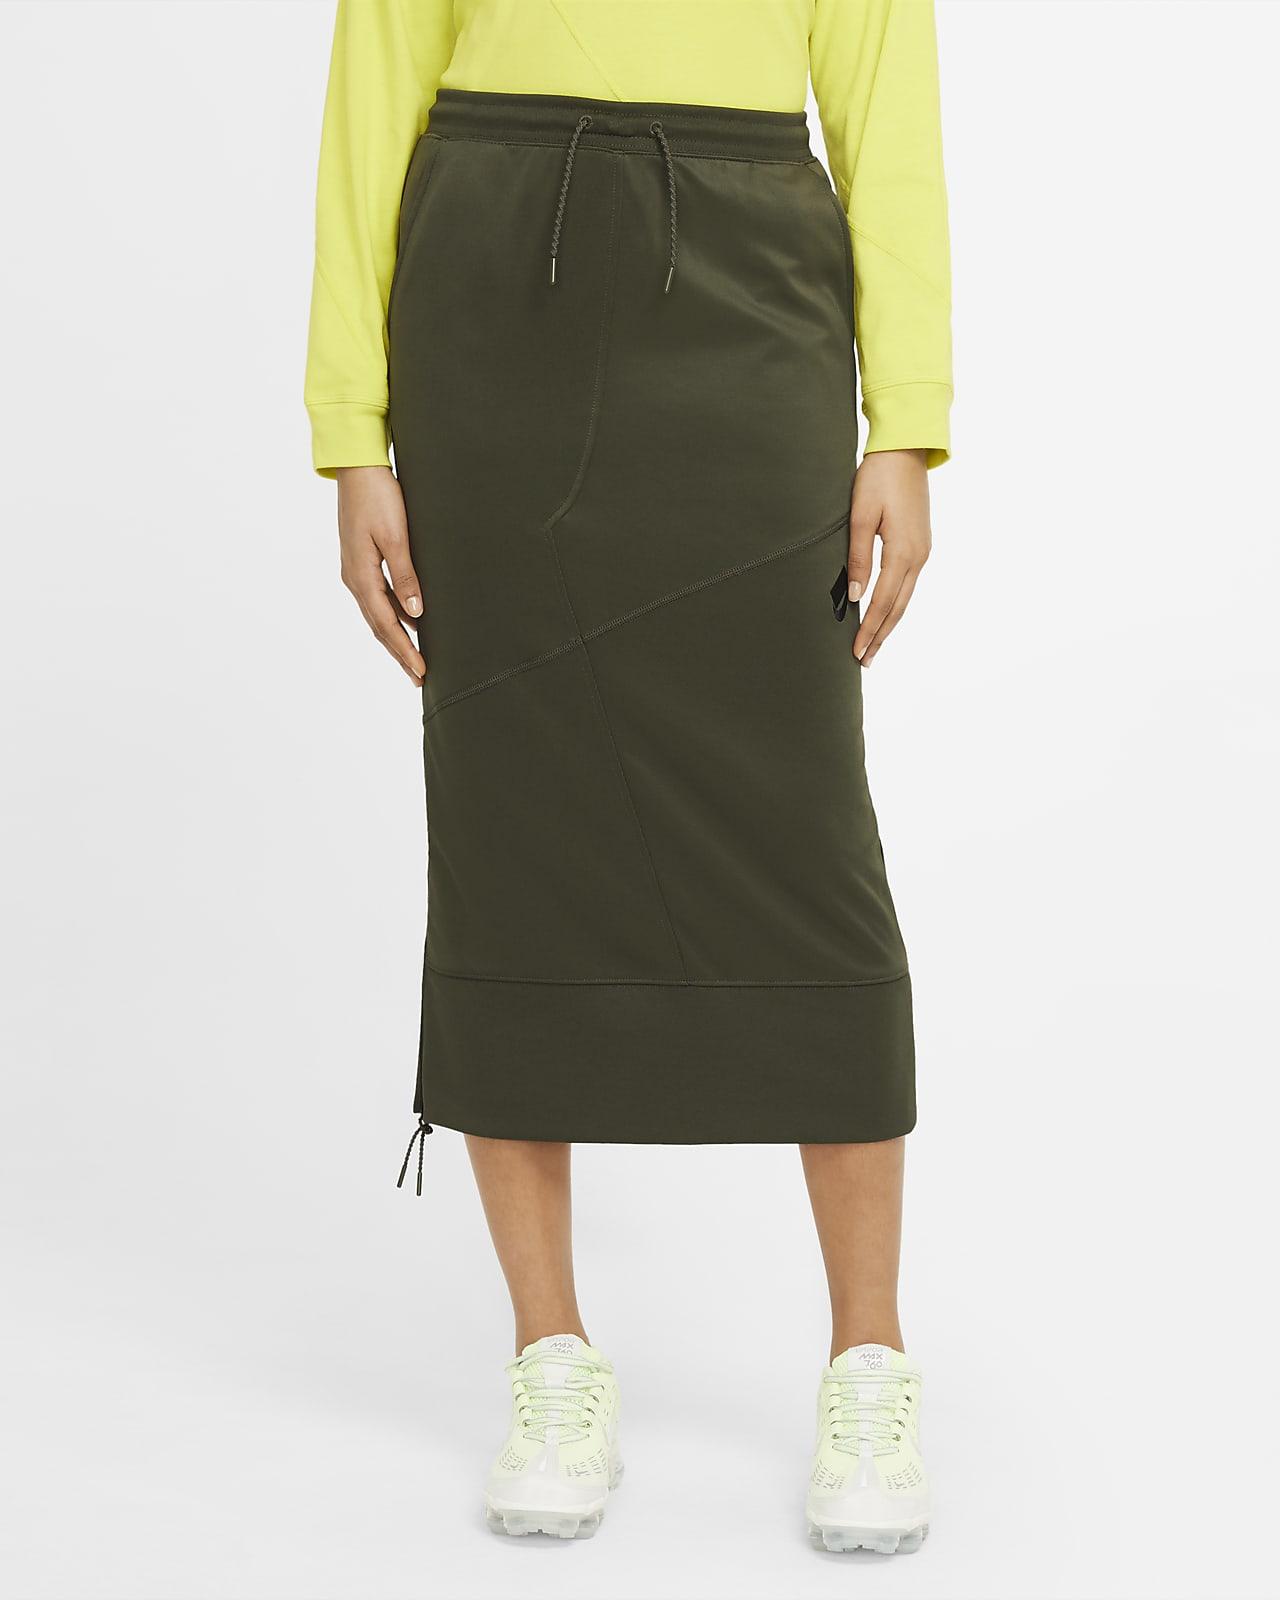 Nike Sportswear NSW Women's Skirt